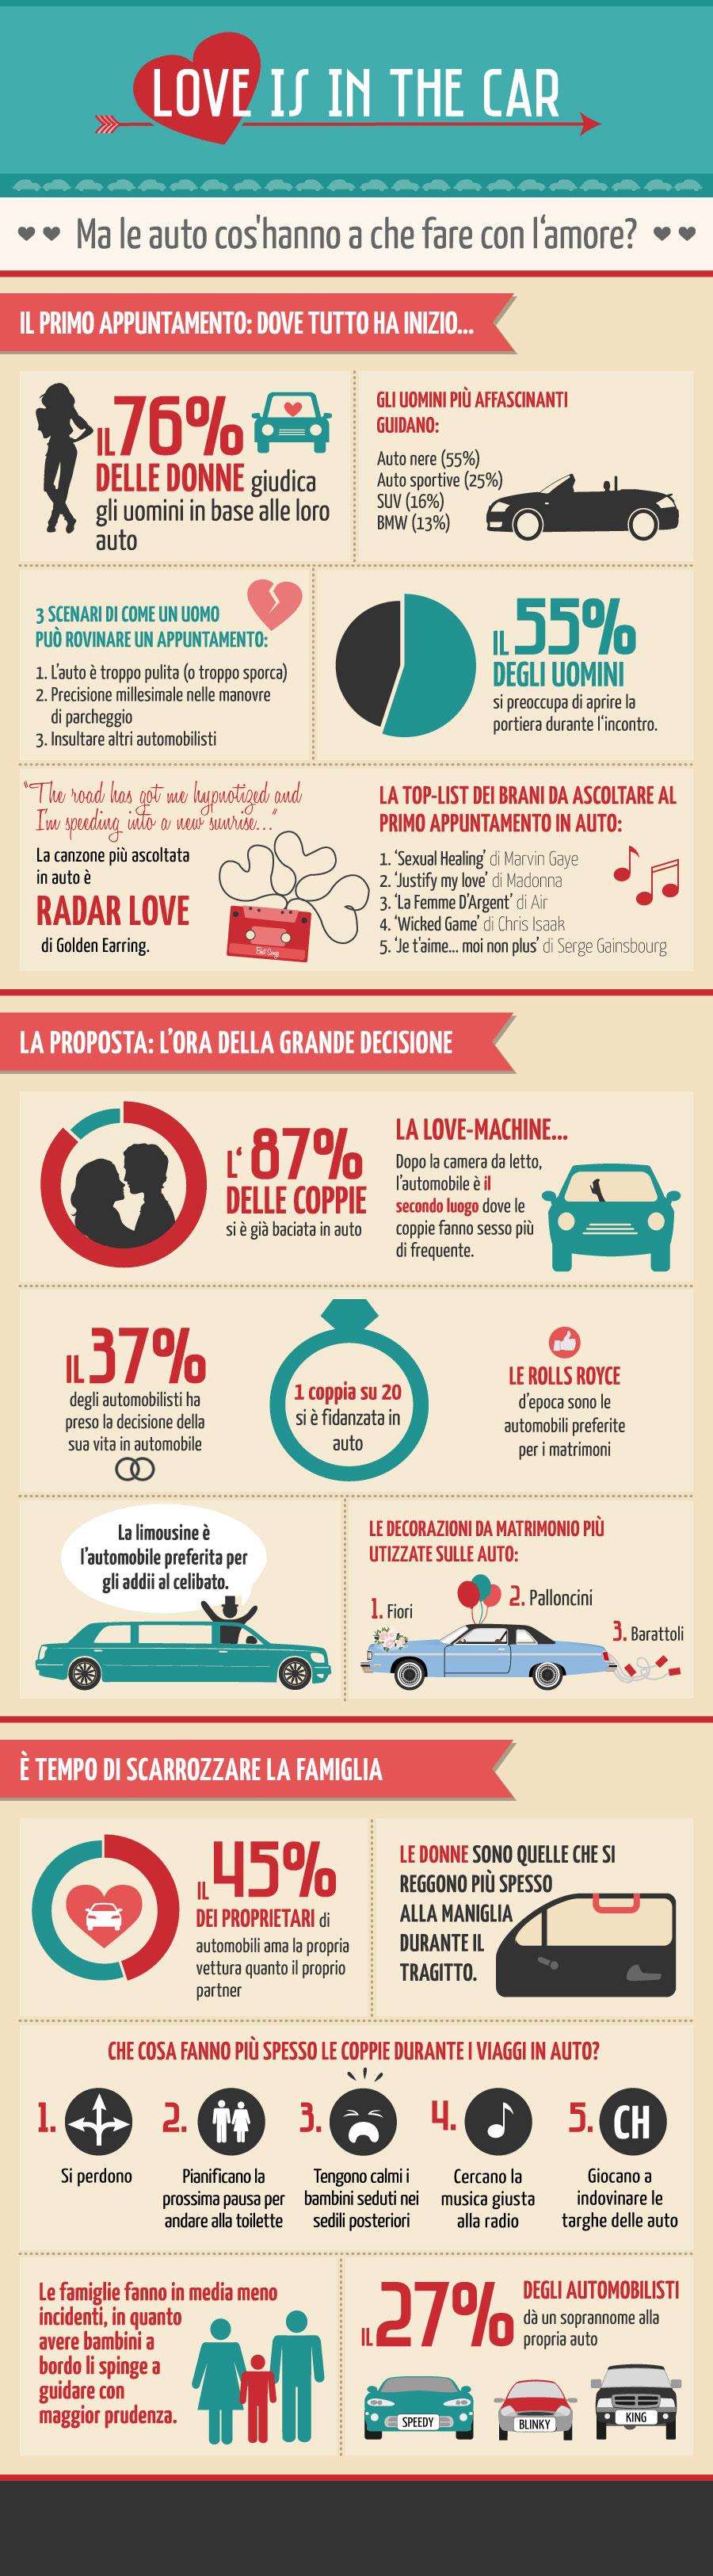 NCA_Infografica_SanValenitno